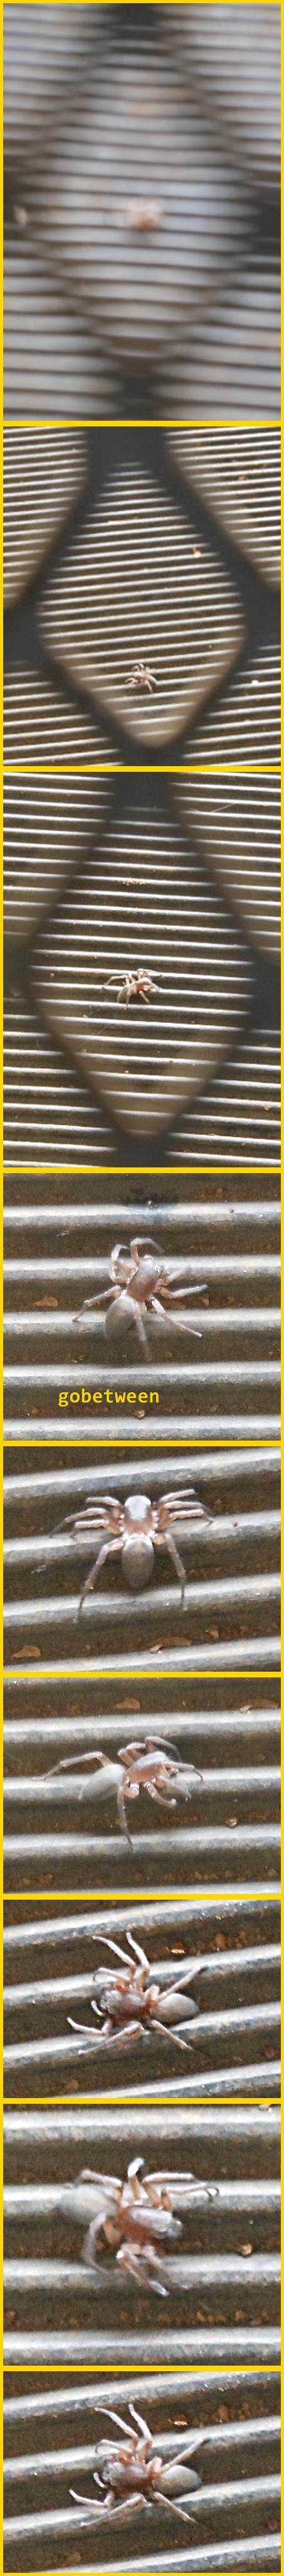 spider walk 1